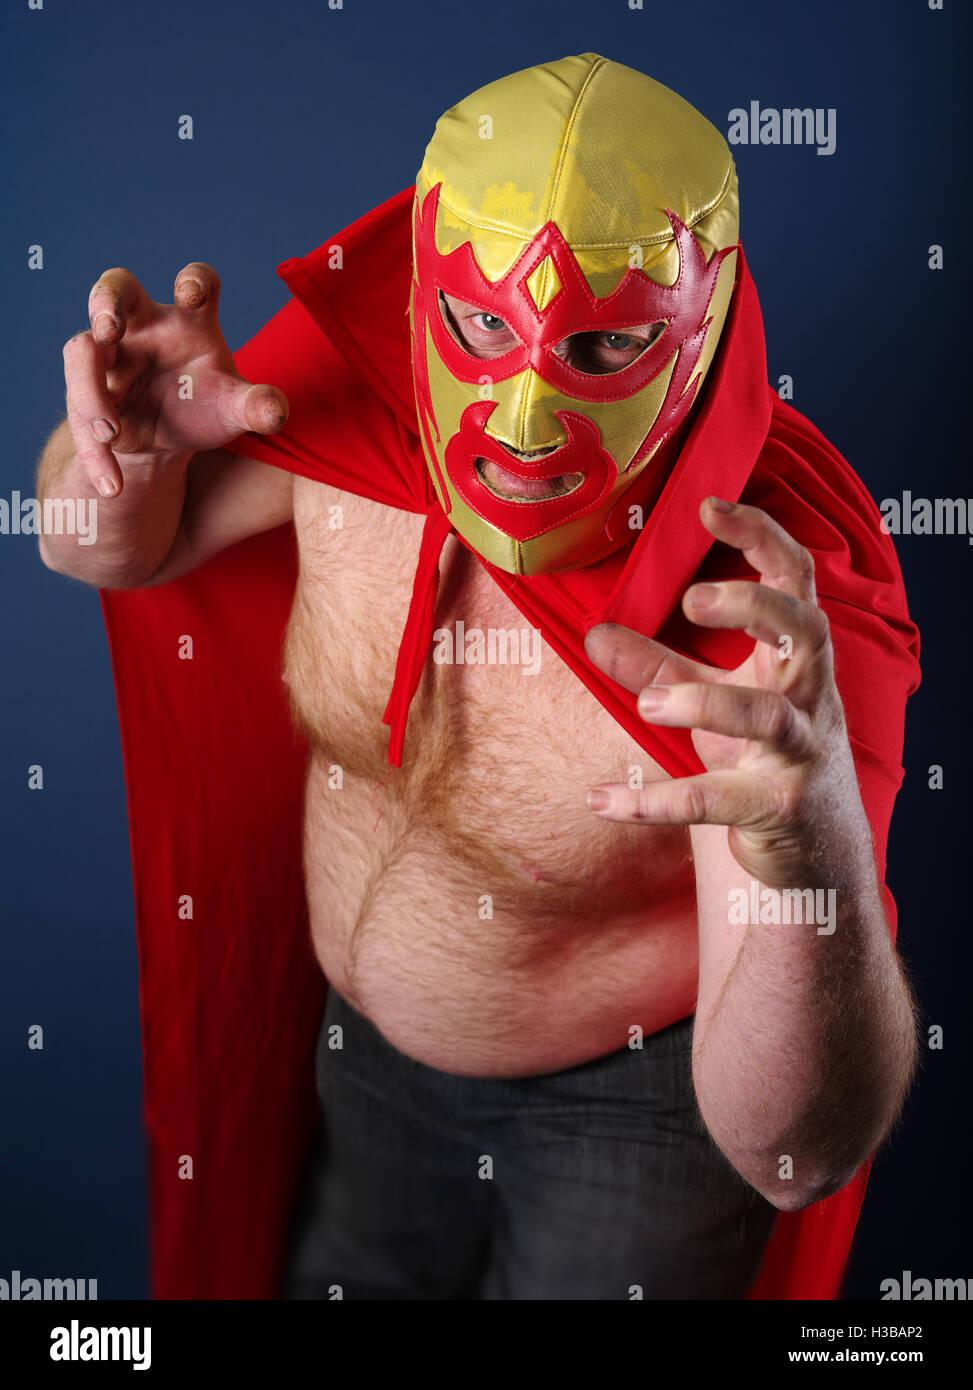 Fotografia di un wrestler messicano o Luchador in posa. Immagini Stock